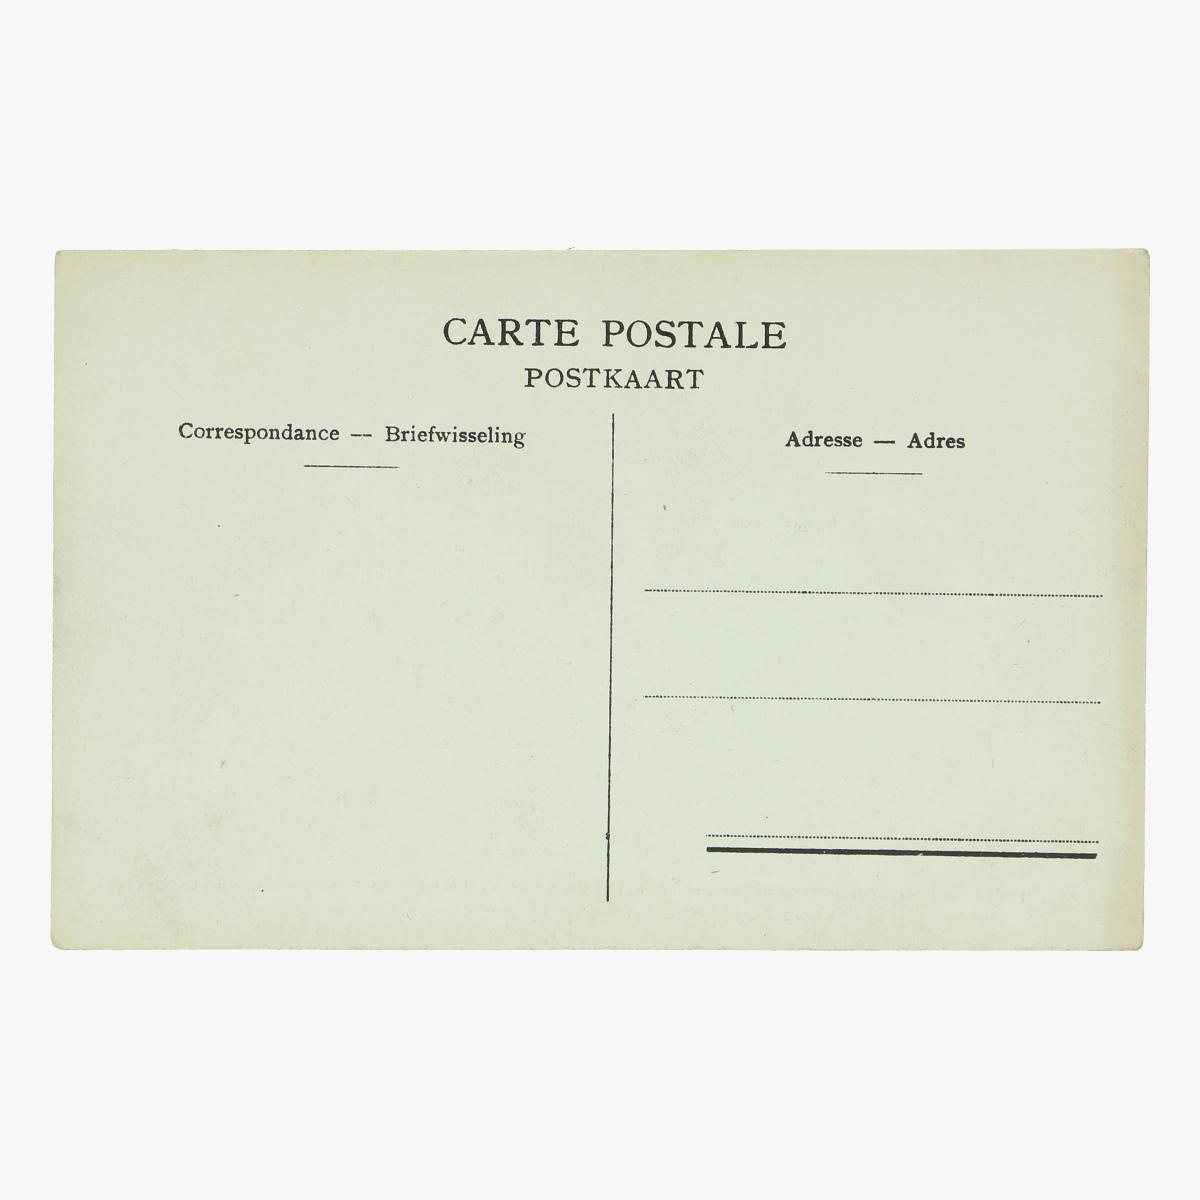 Afbeeldingen van bruxelles exposition 1910 brand in de tentoonstelling van bxl de linkerzijde van de voorgevekl